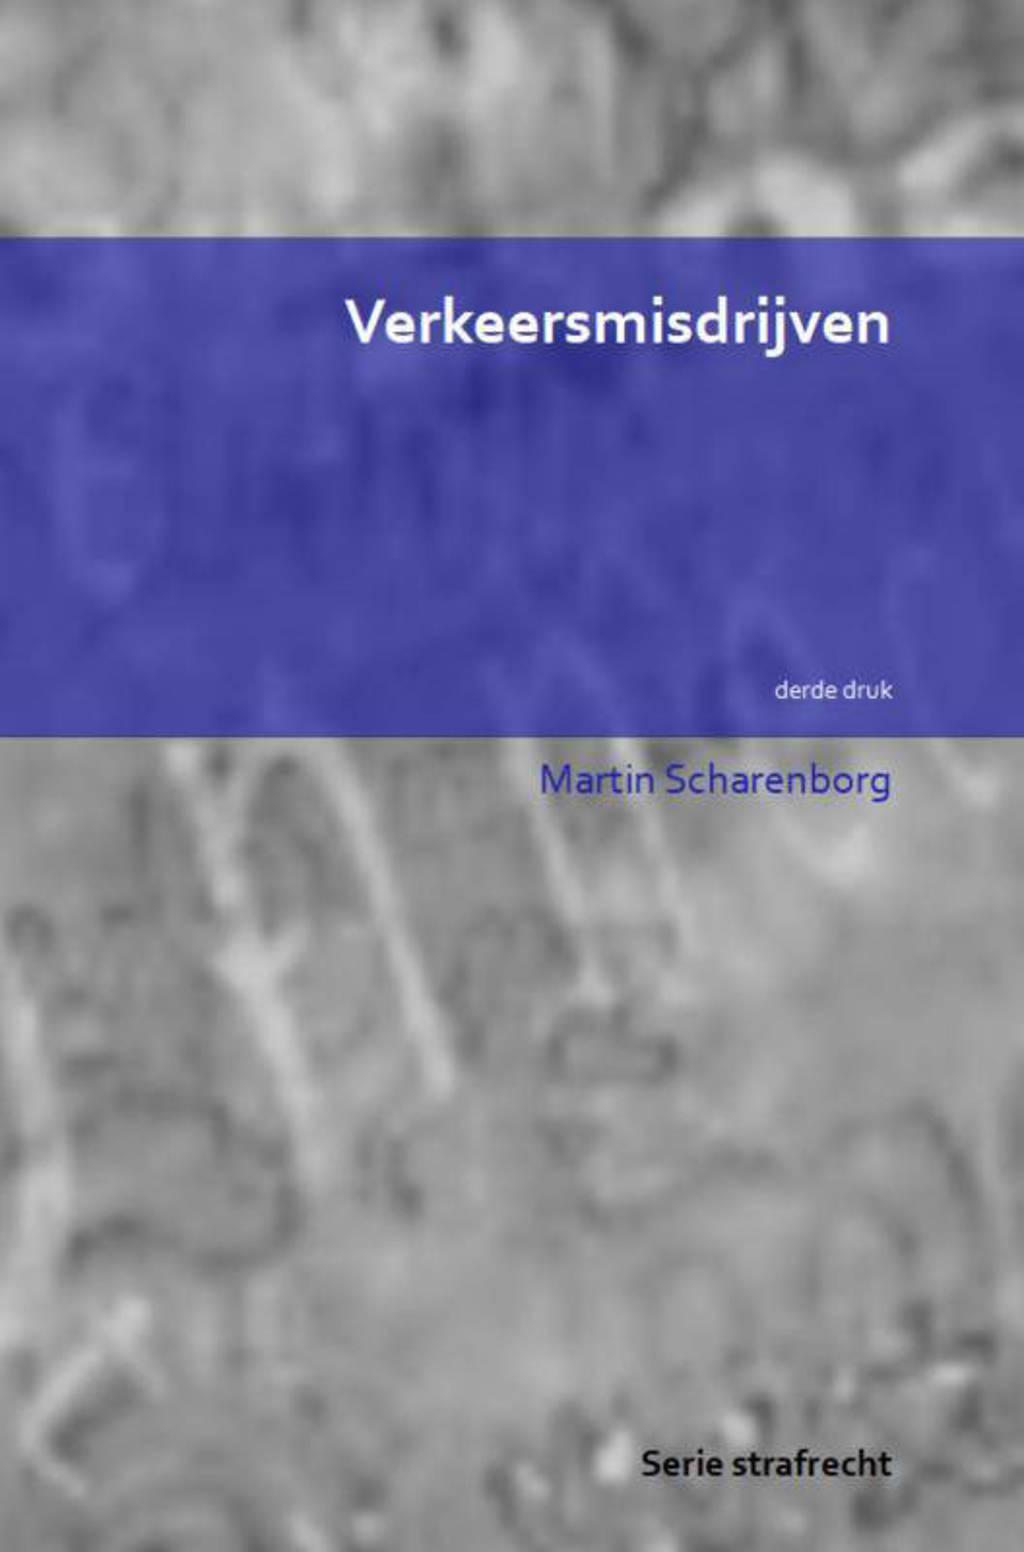 Verkeersmisdrijven - Martin Scharenborg